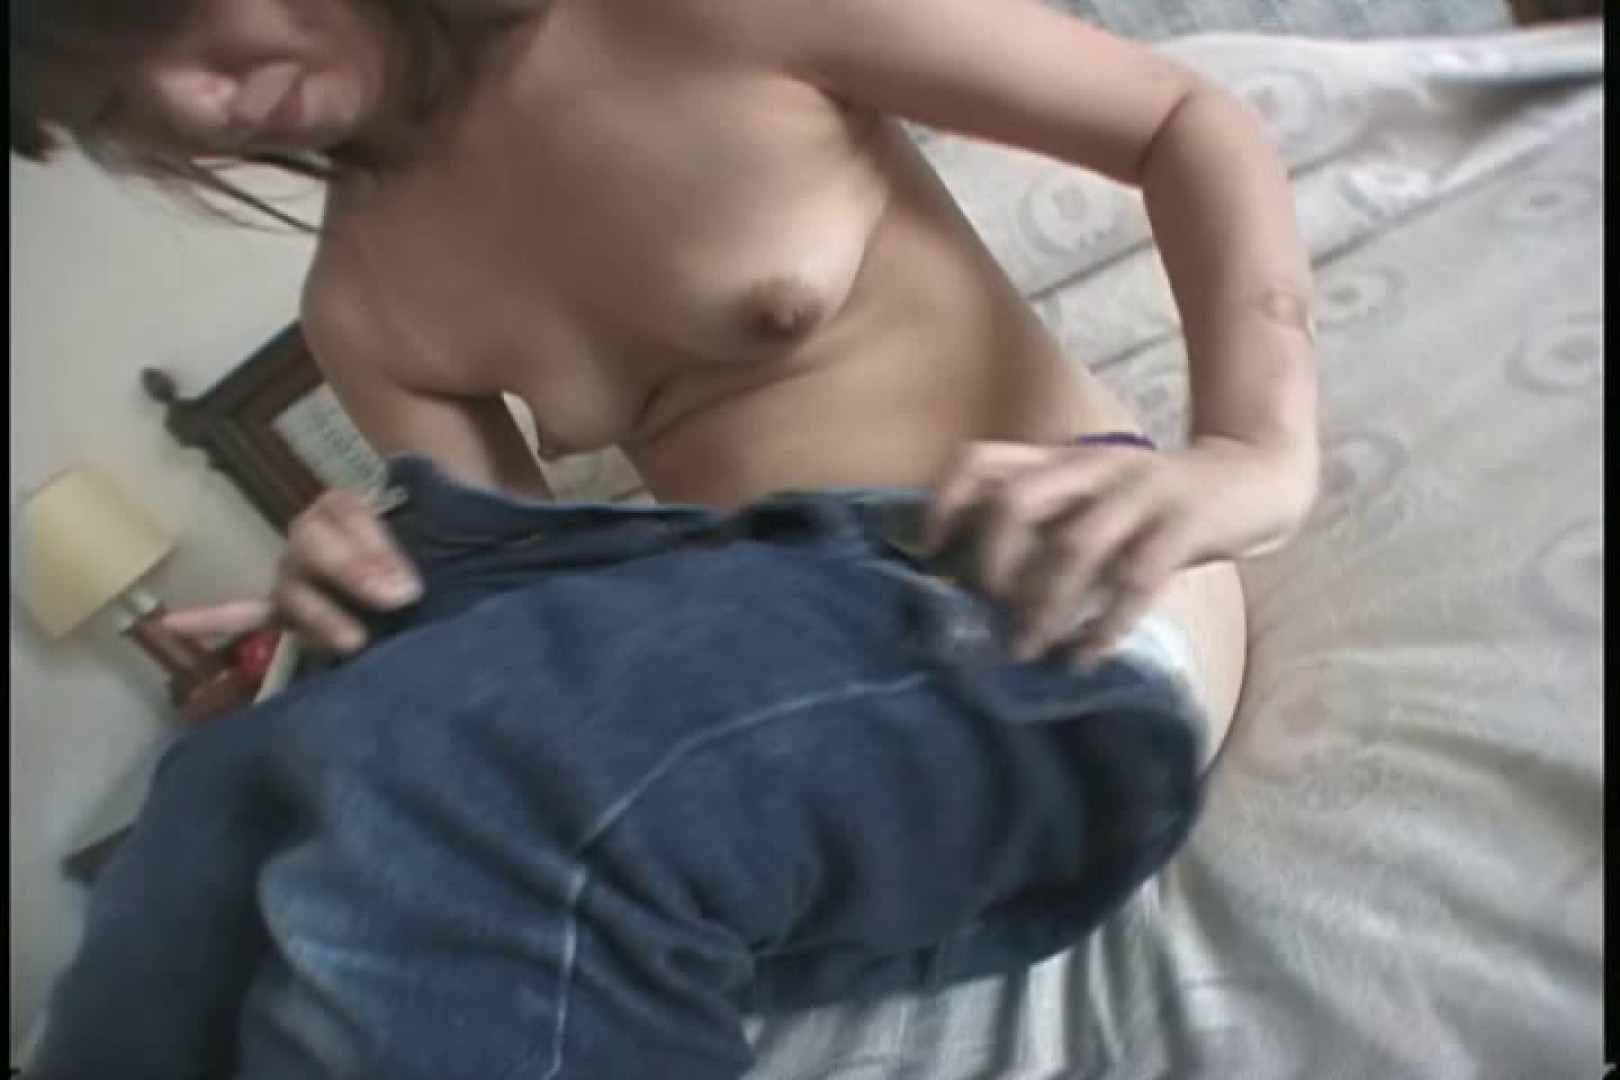 初めてのビデオ撮影に緊張する素人OLとセックス~武田じゅん~ セックス AV無料動画キャプチャ 86pic 53